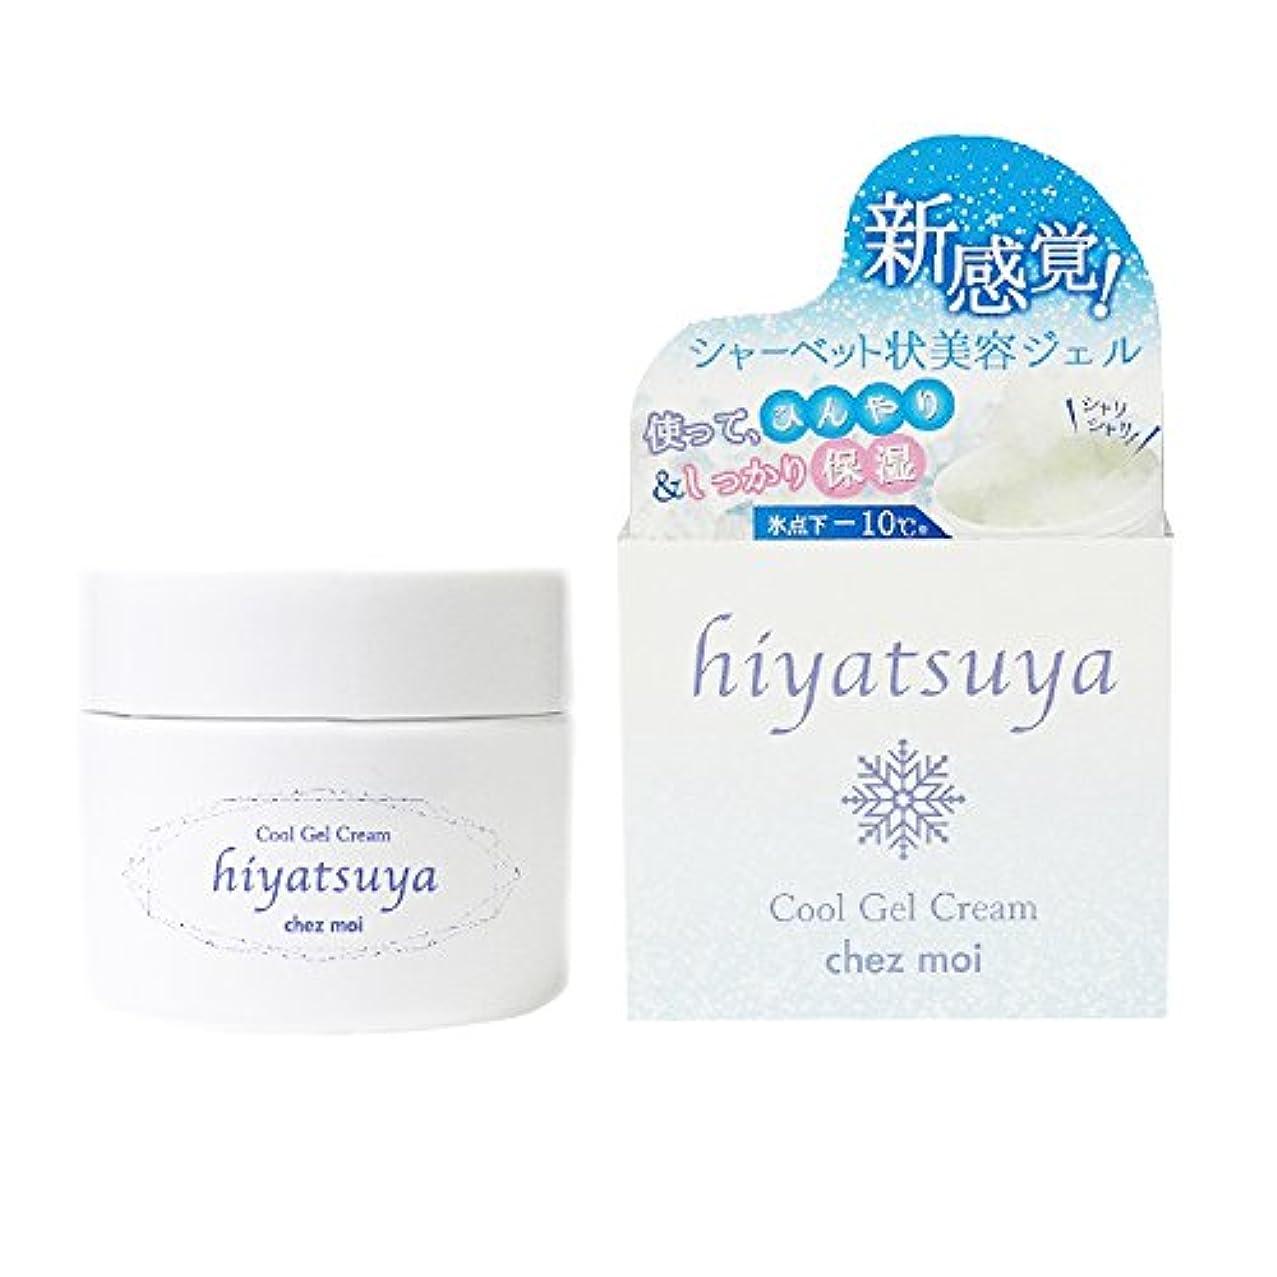 刺激する聖域臨検シェモア hiyatsuya(ヒヤツヤ) cool gel cream 70g